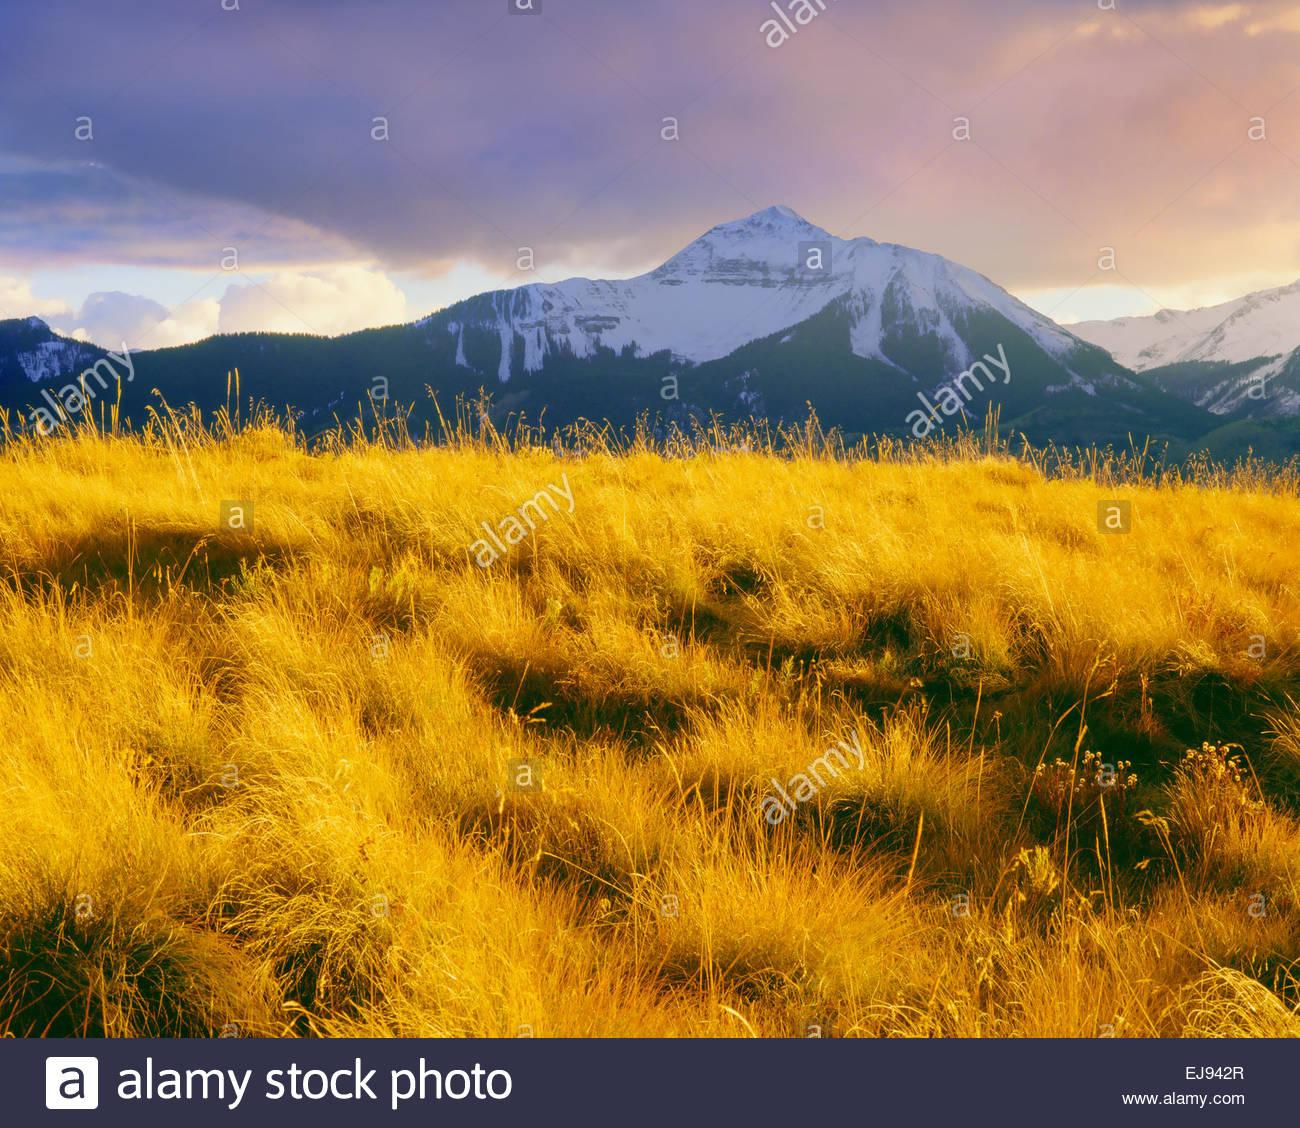 'Sunshine' automne 'San Juan Montagnes' 'Uncompahgre National Forest' Colorado Photo Stock